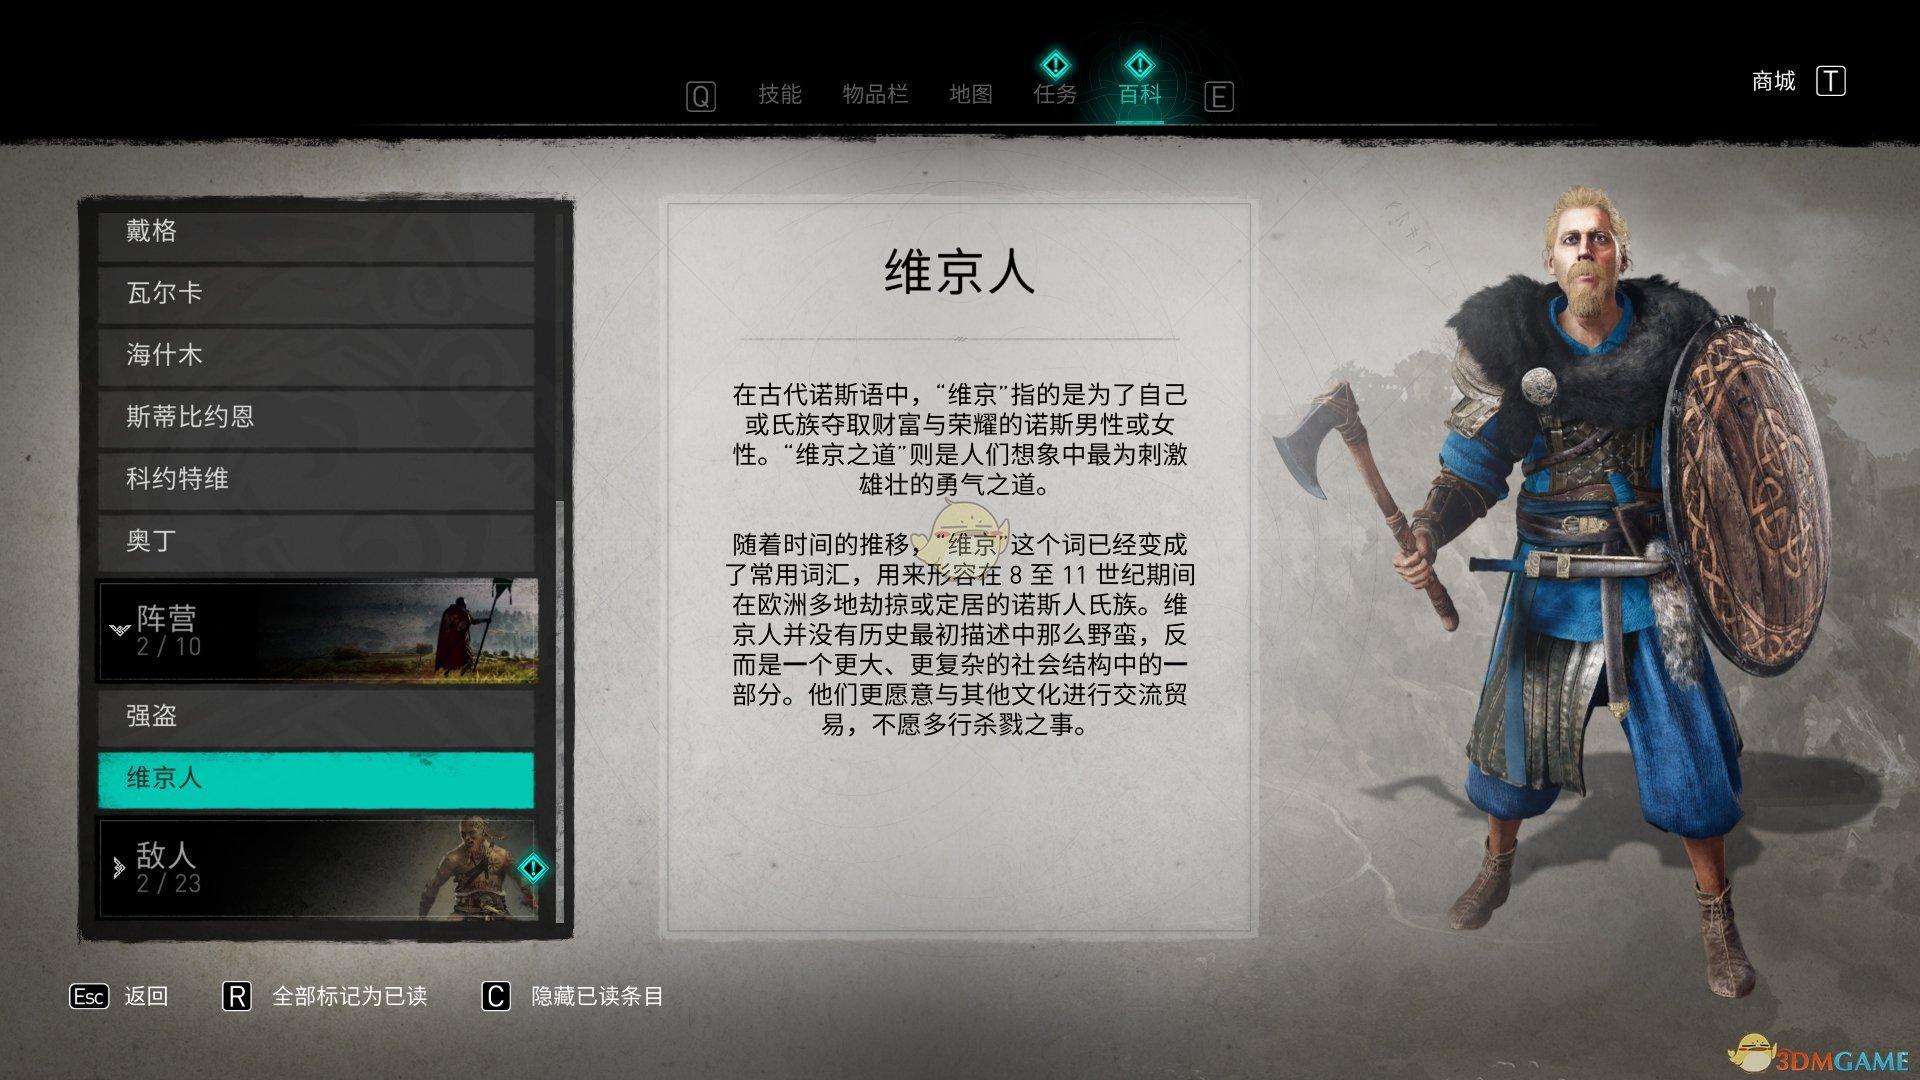 《刺客信条:英灵殿》维京人阵营介绍